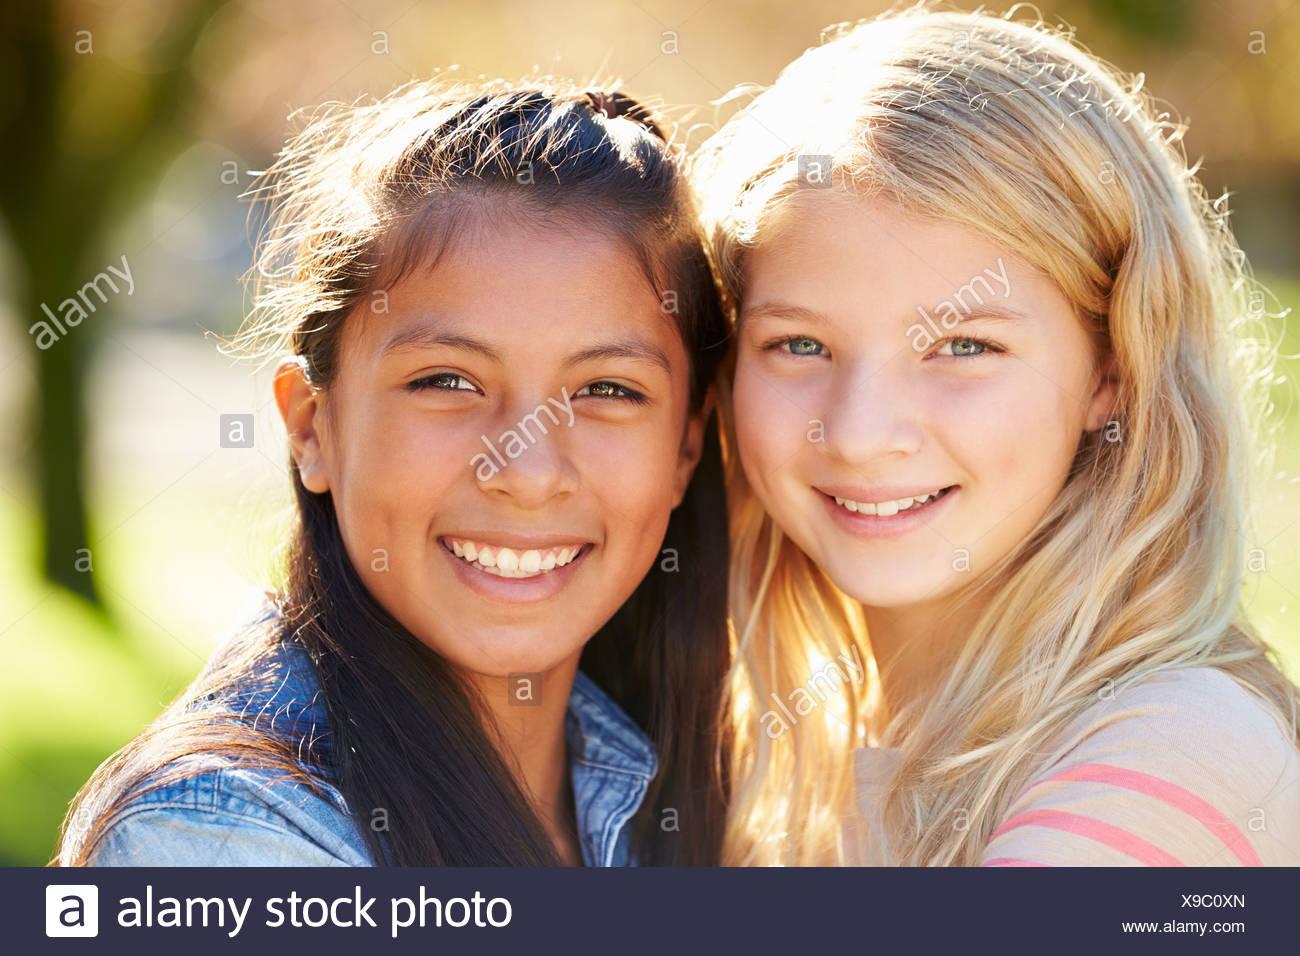 Retrato De Dos Muchachas Bonitas En El Campo Foto Imagen